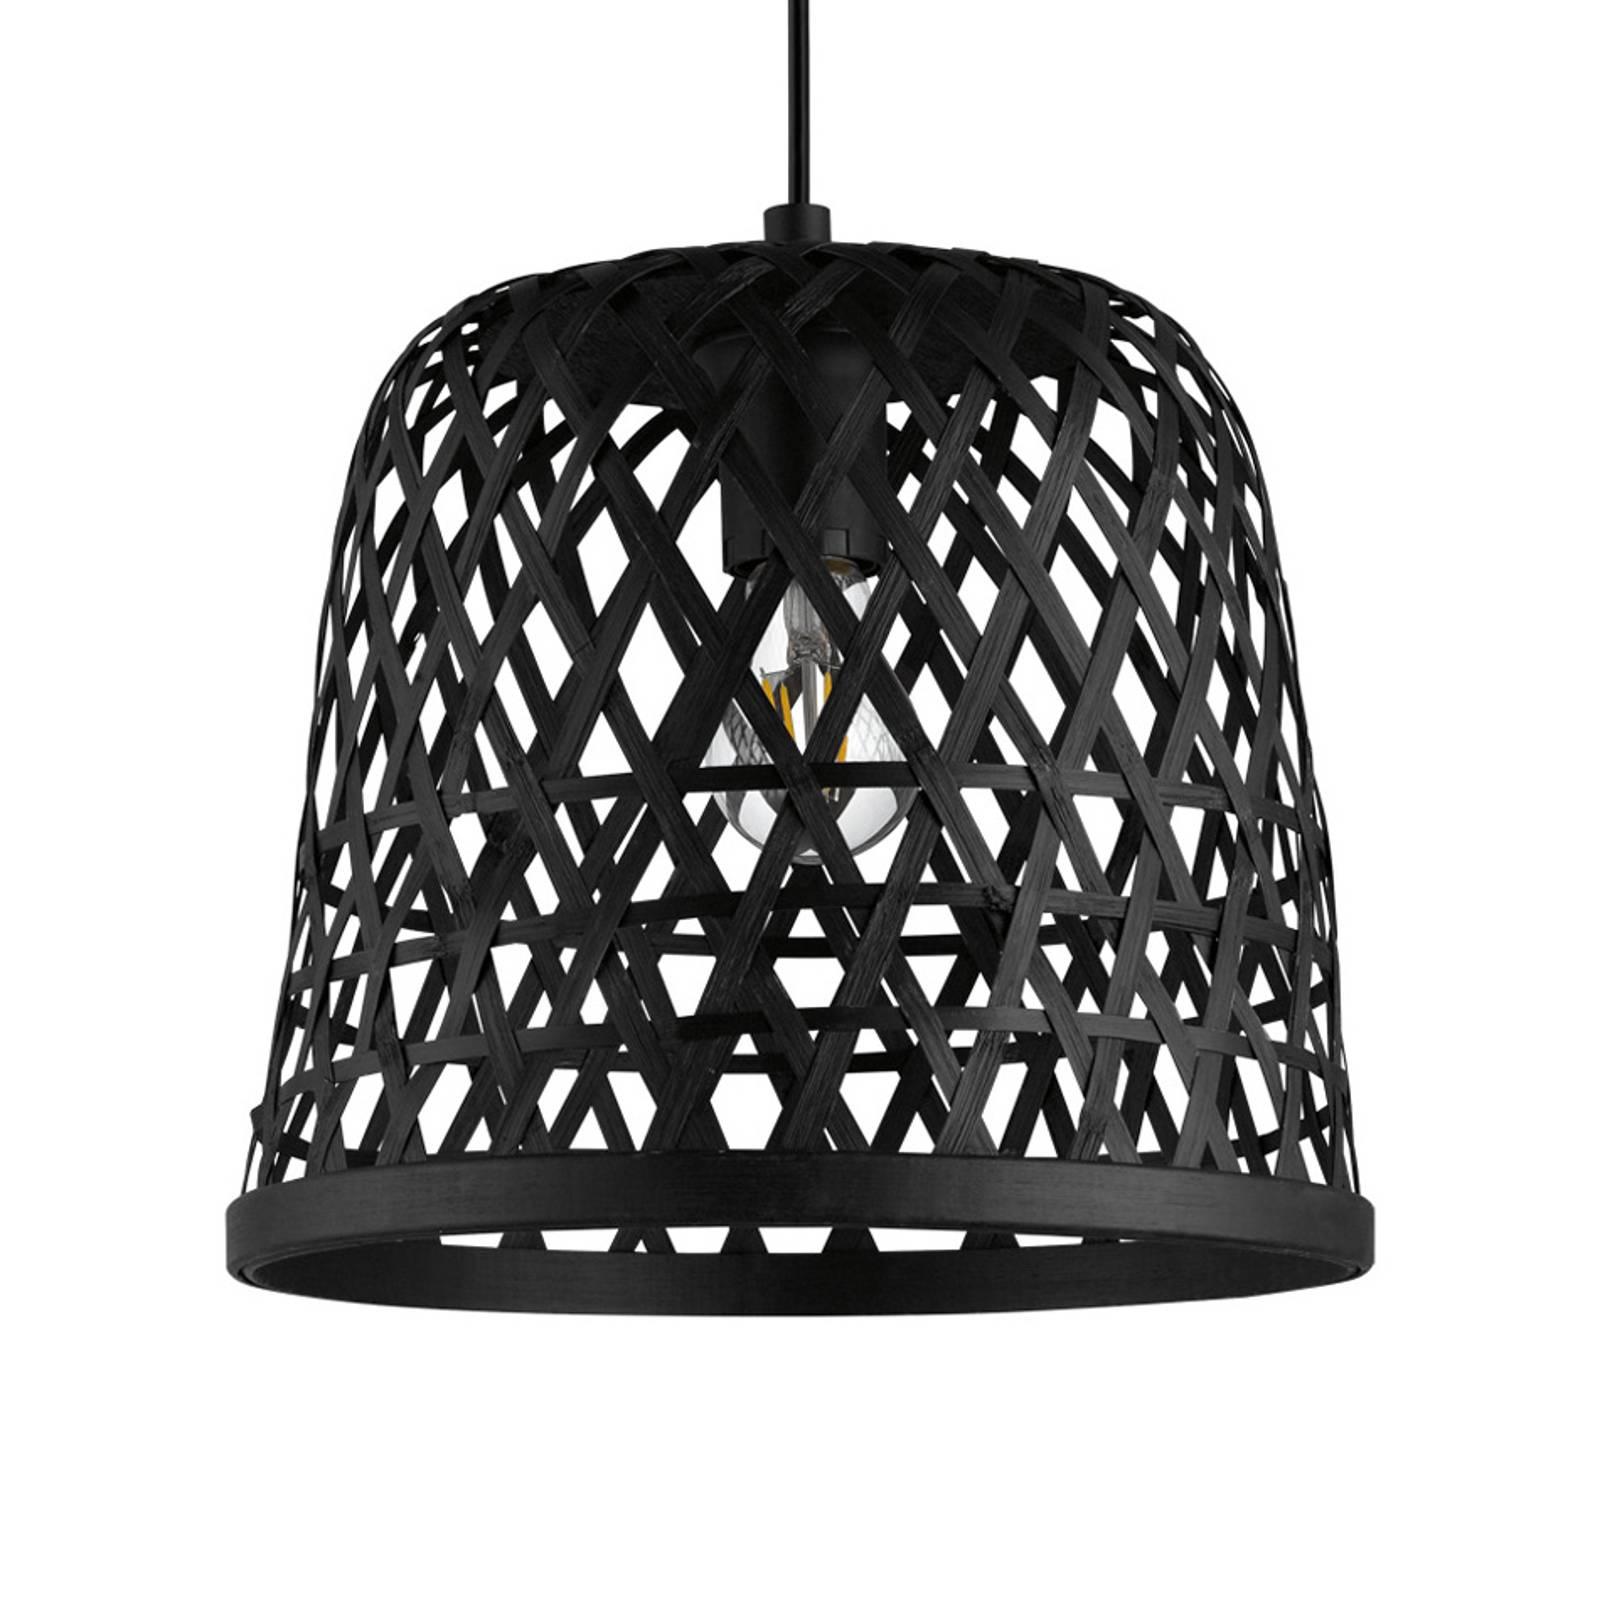 Lampa wisząca Kirkcolm drewniany klosz 30cm czarna